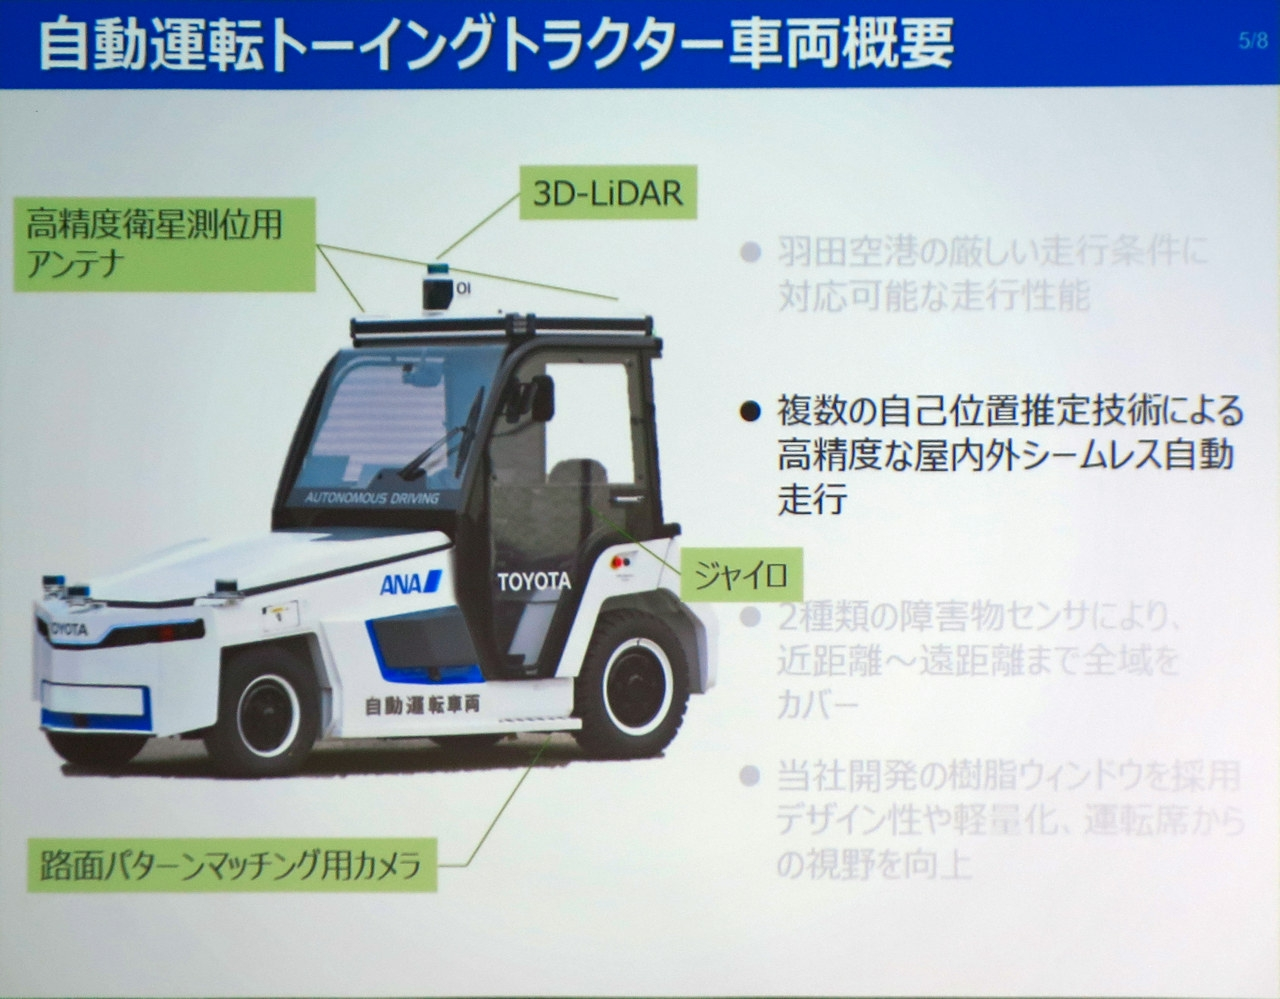 自動運転けん引車に搭載した測位用のセンサー類 (出所:豊田自動織機)